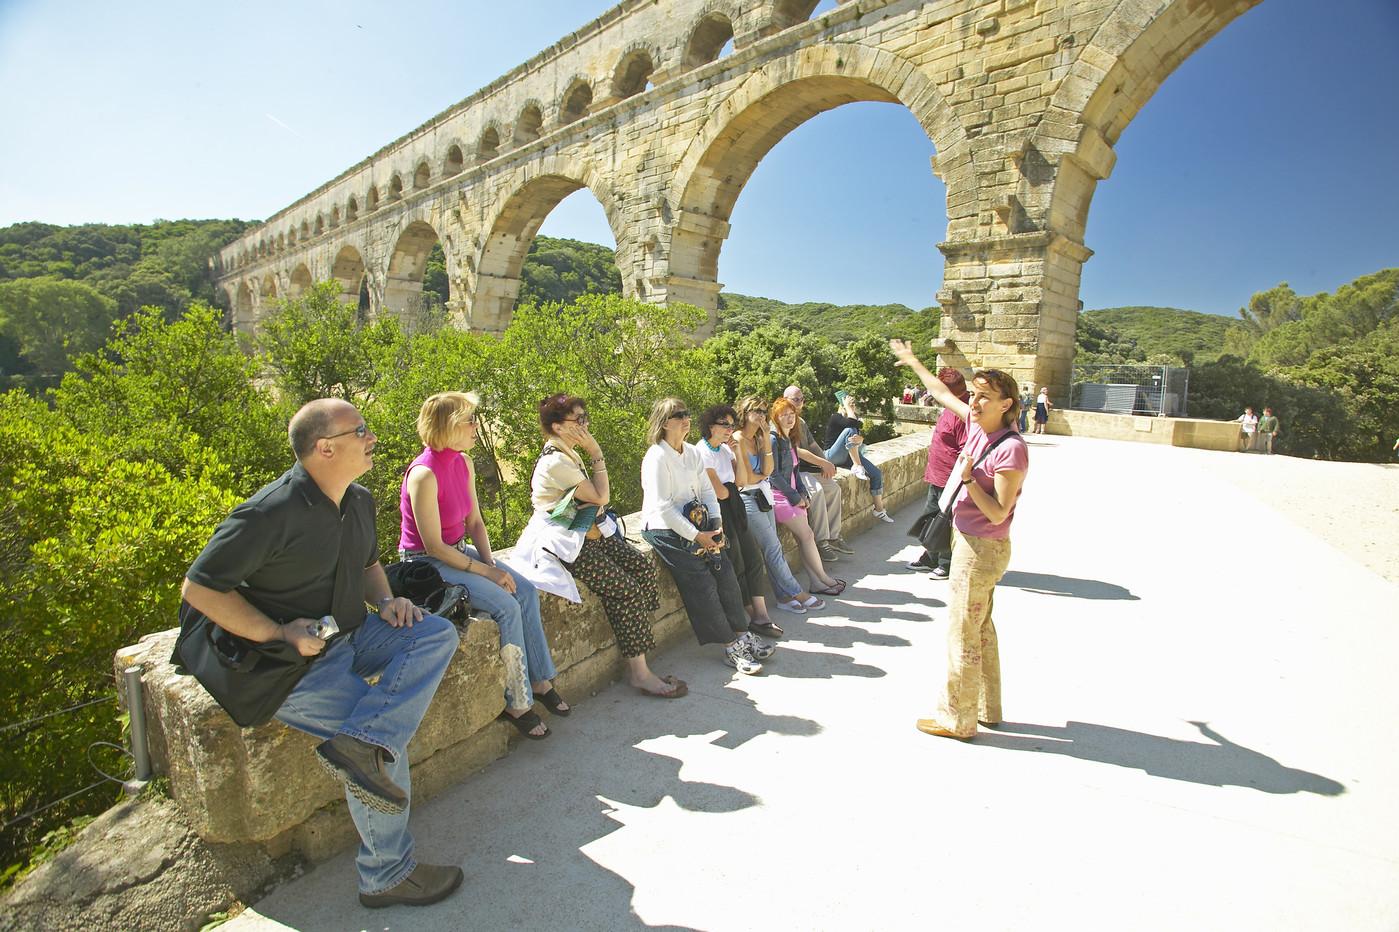 Impact-Covid-19 : probable baisse des arrivées de touristes internationaux